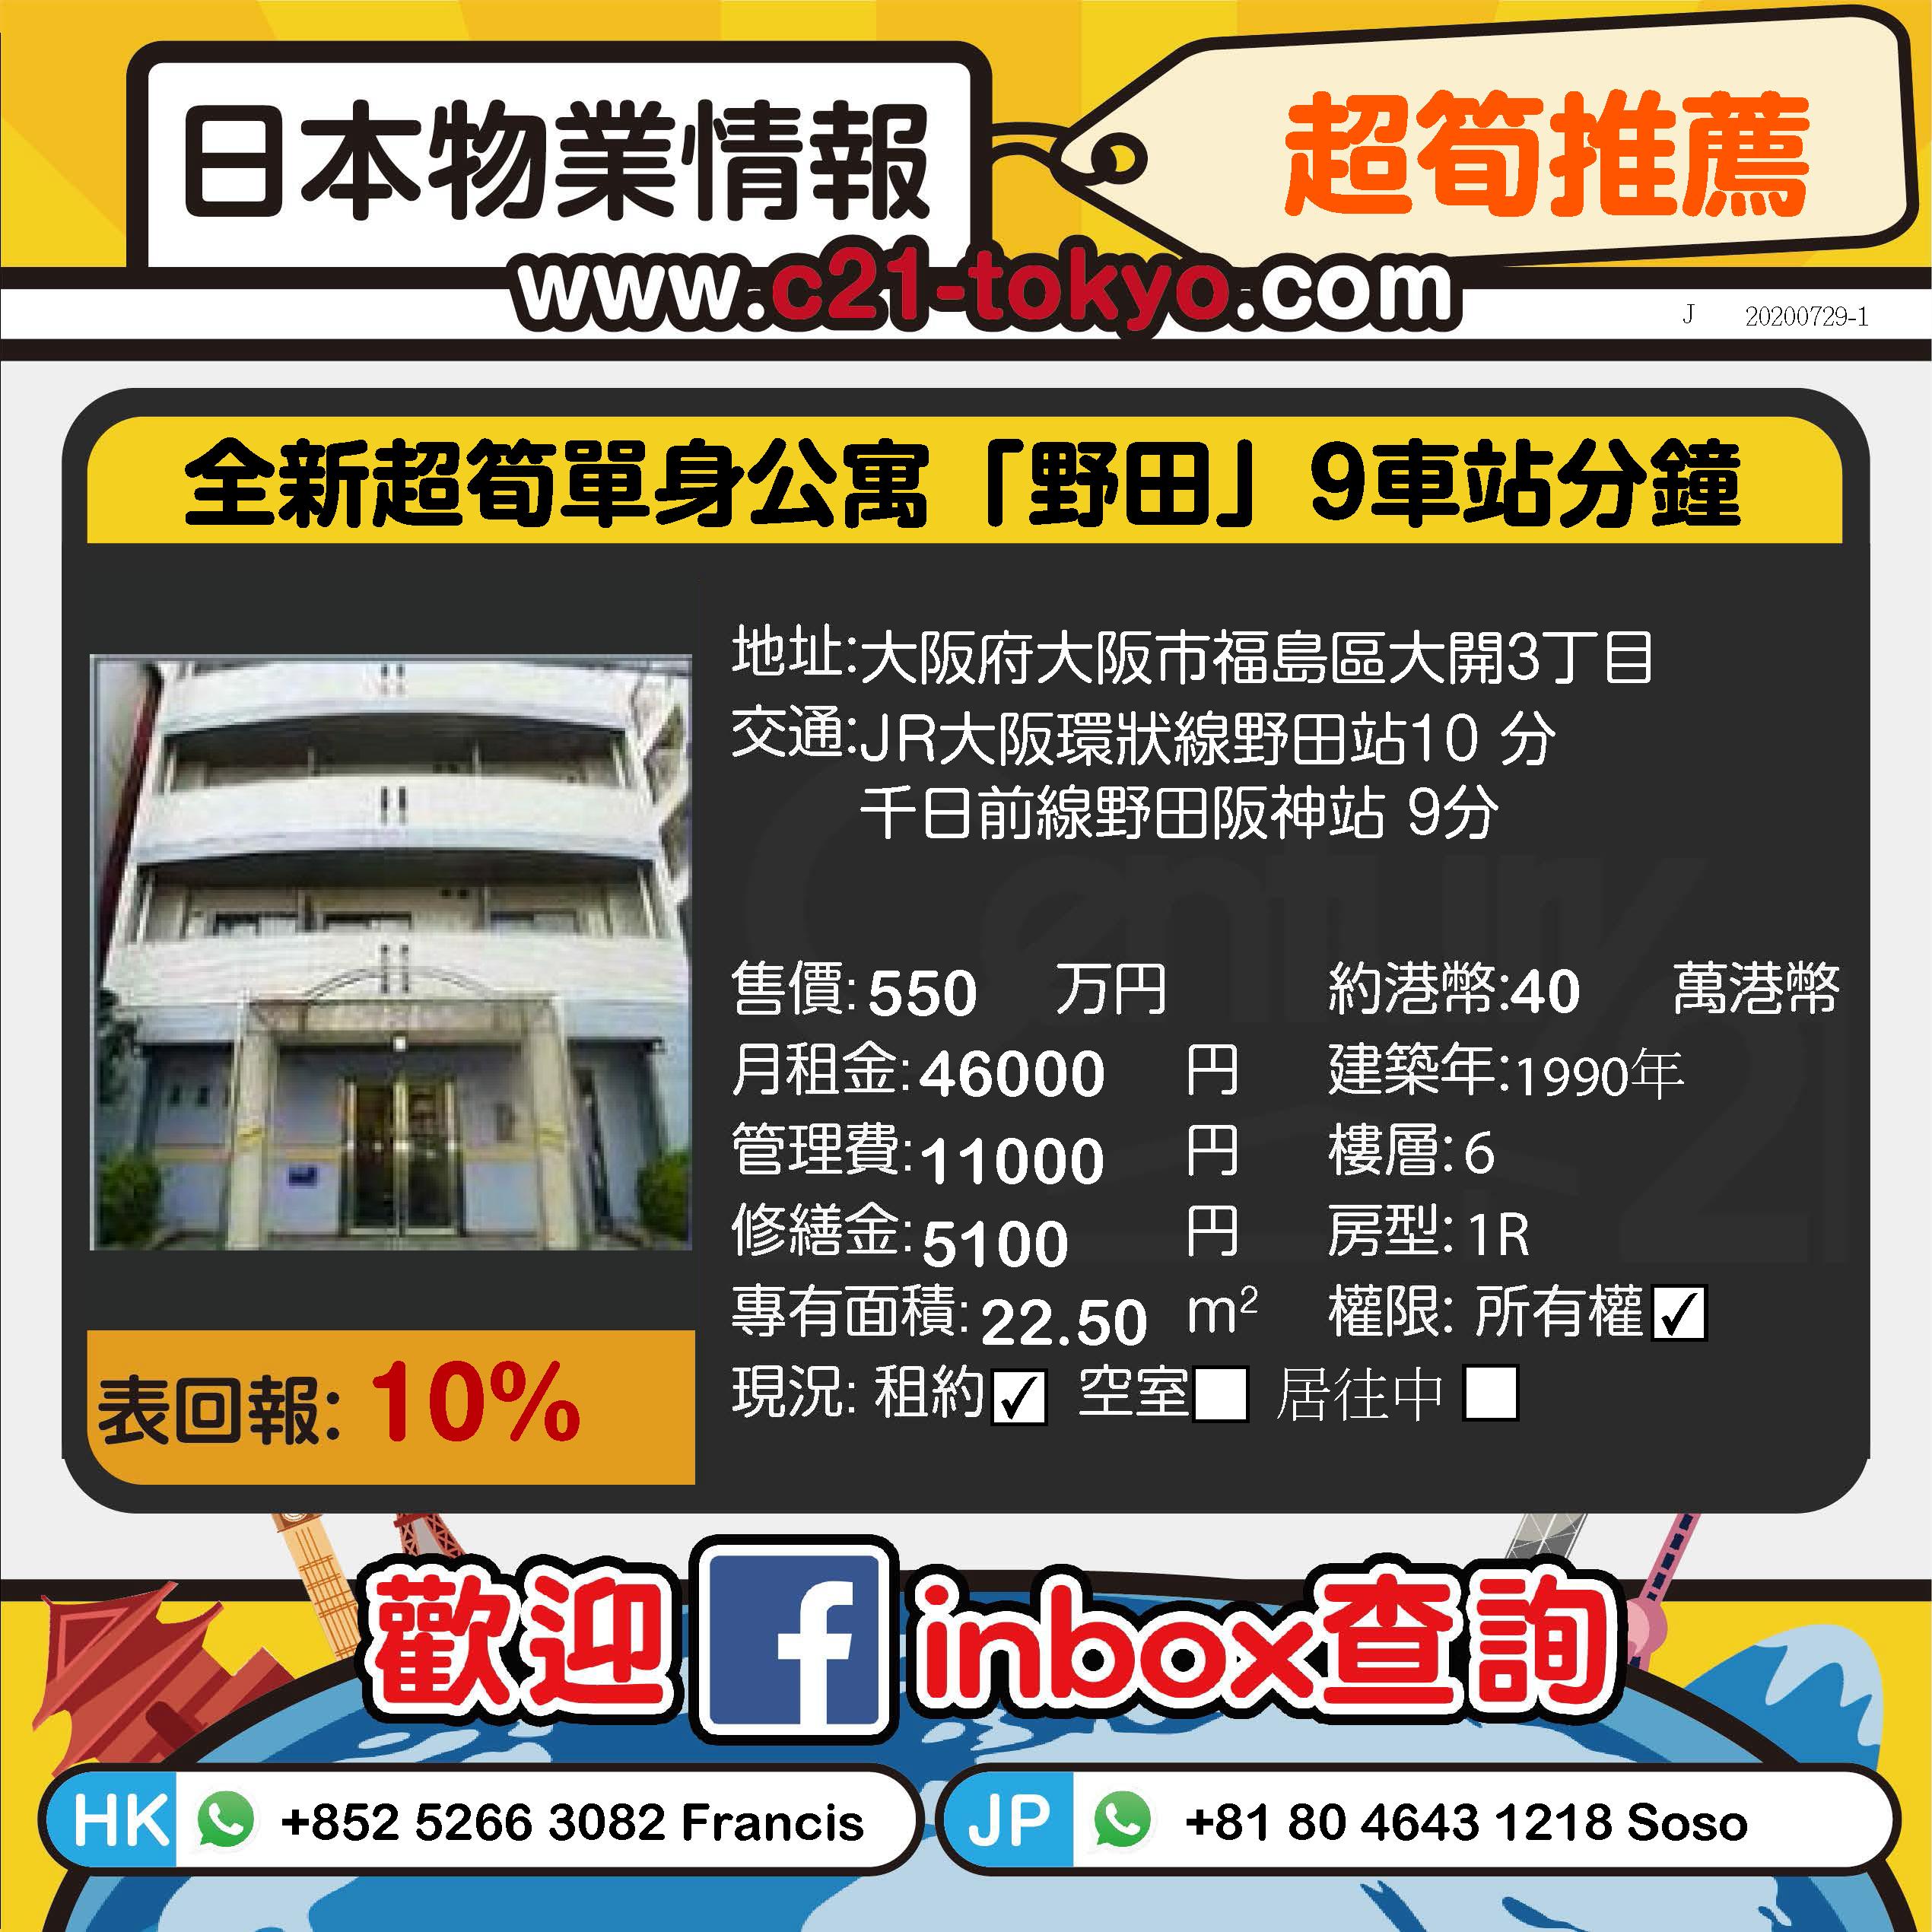 大阪市 野田 收租單身公寓